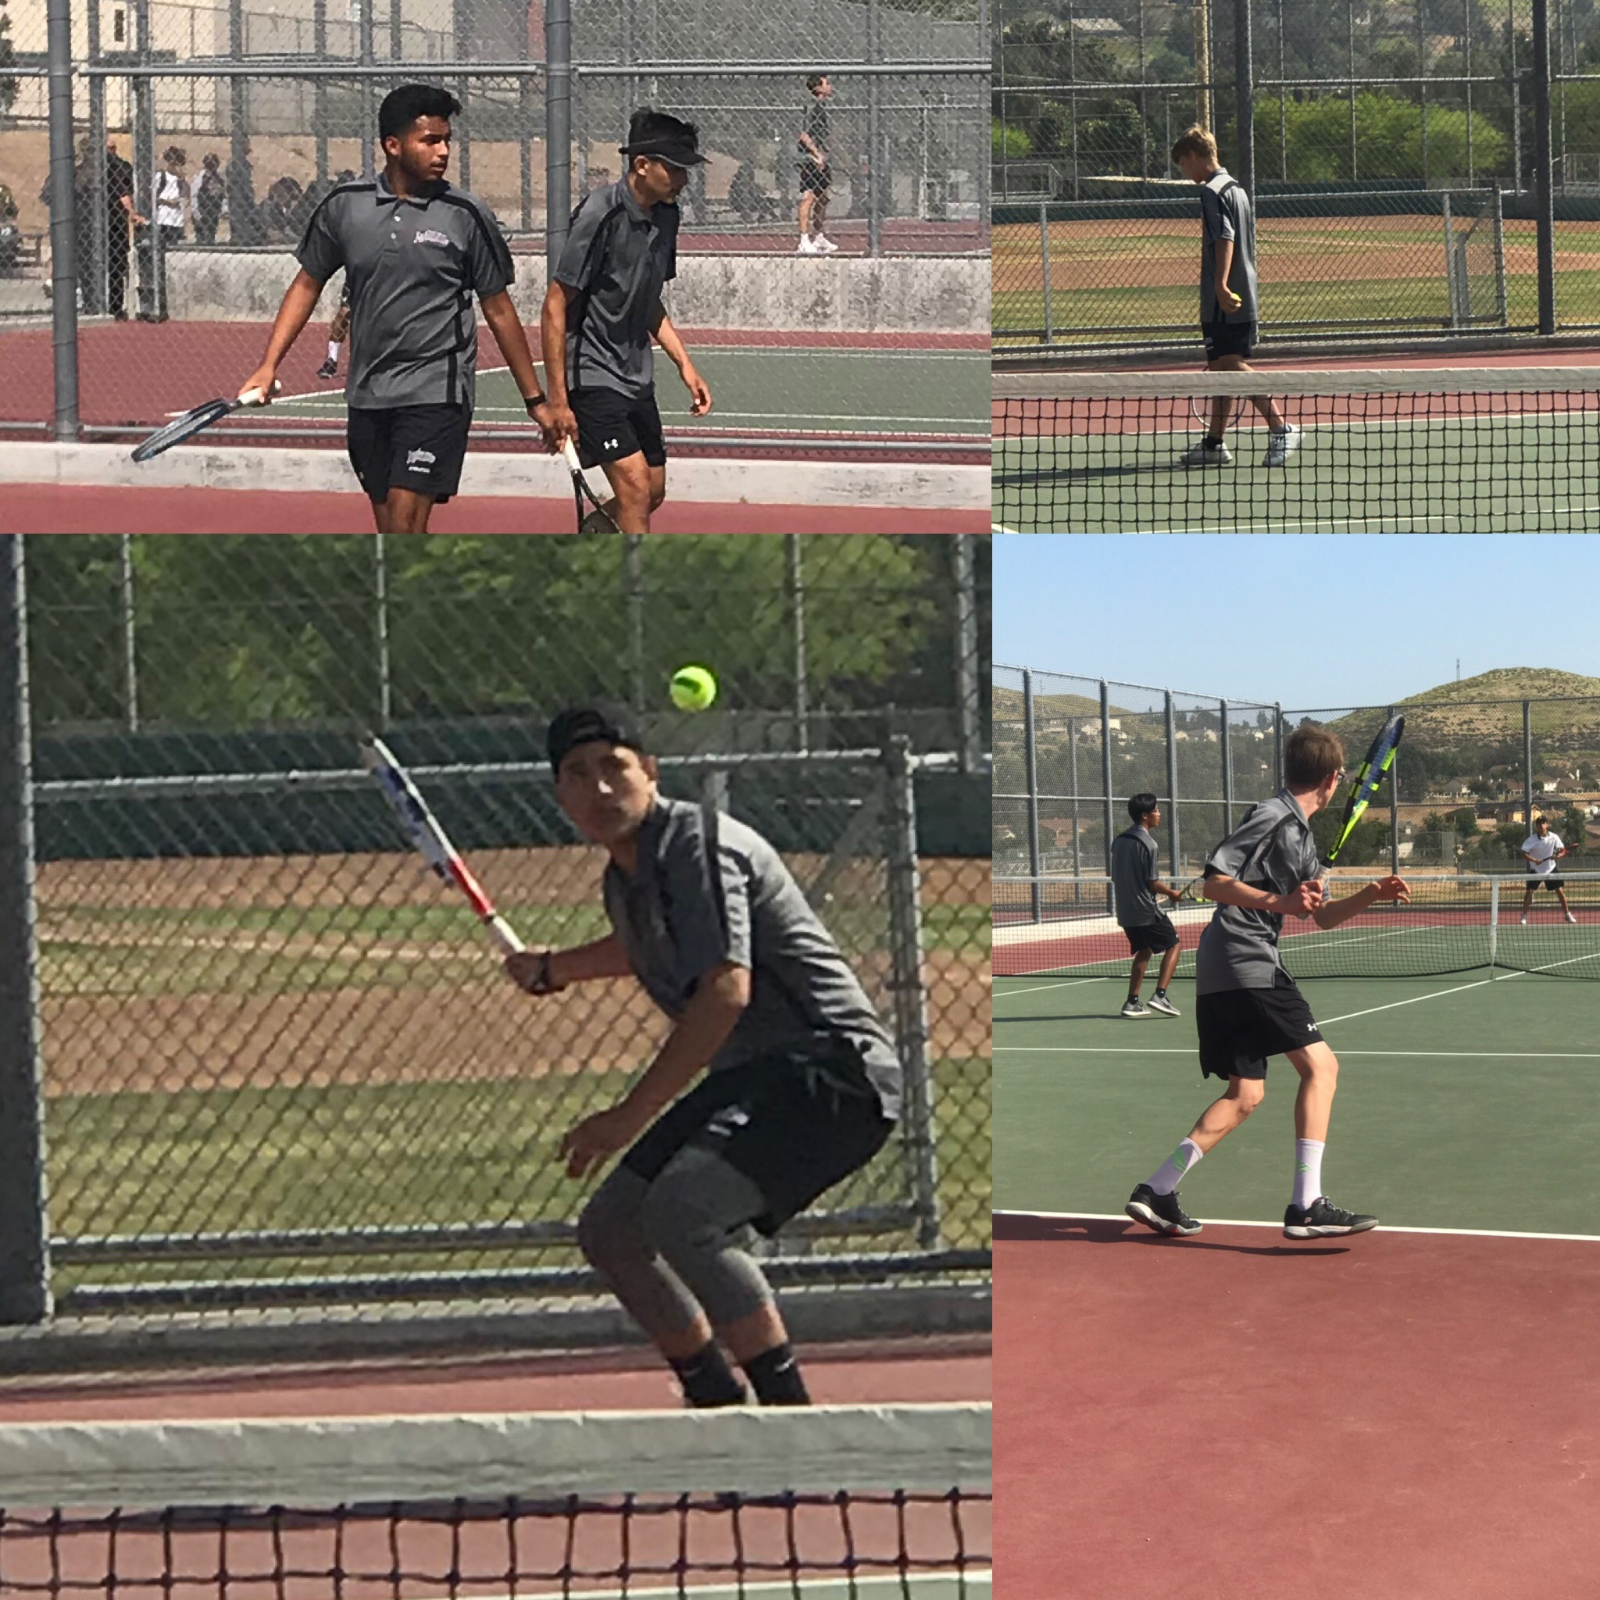 PHS boy's tennis topple Coachella Valley in First round CIF 15-3